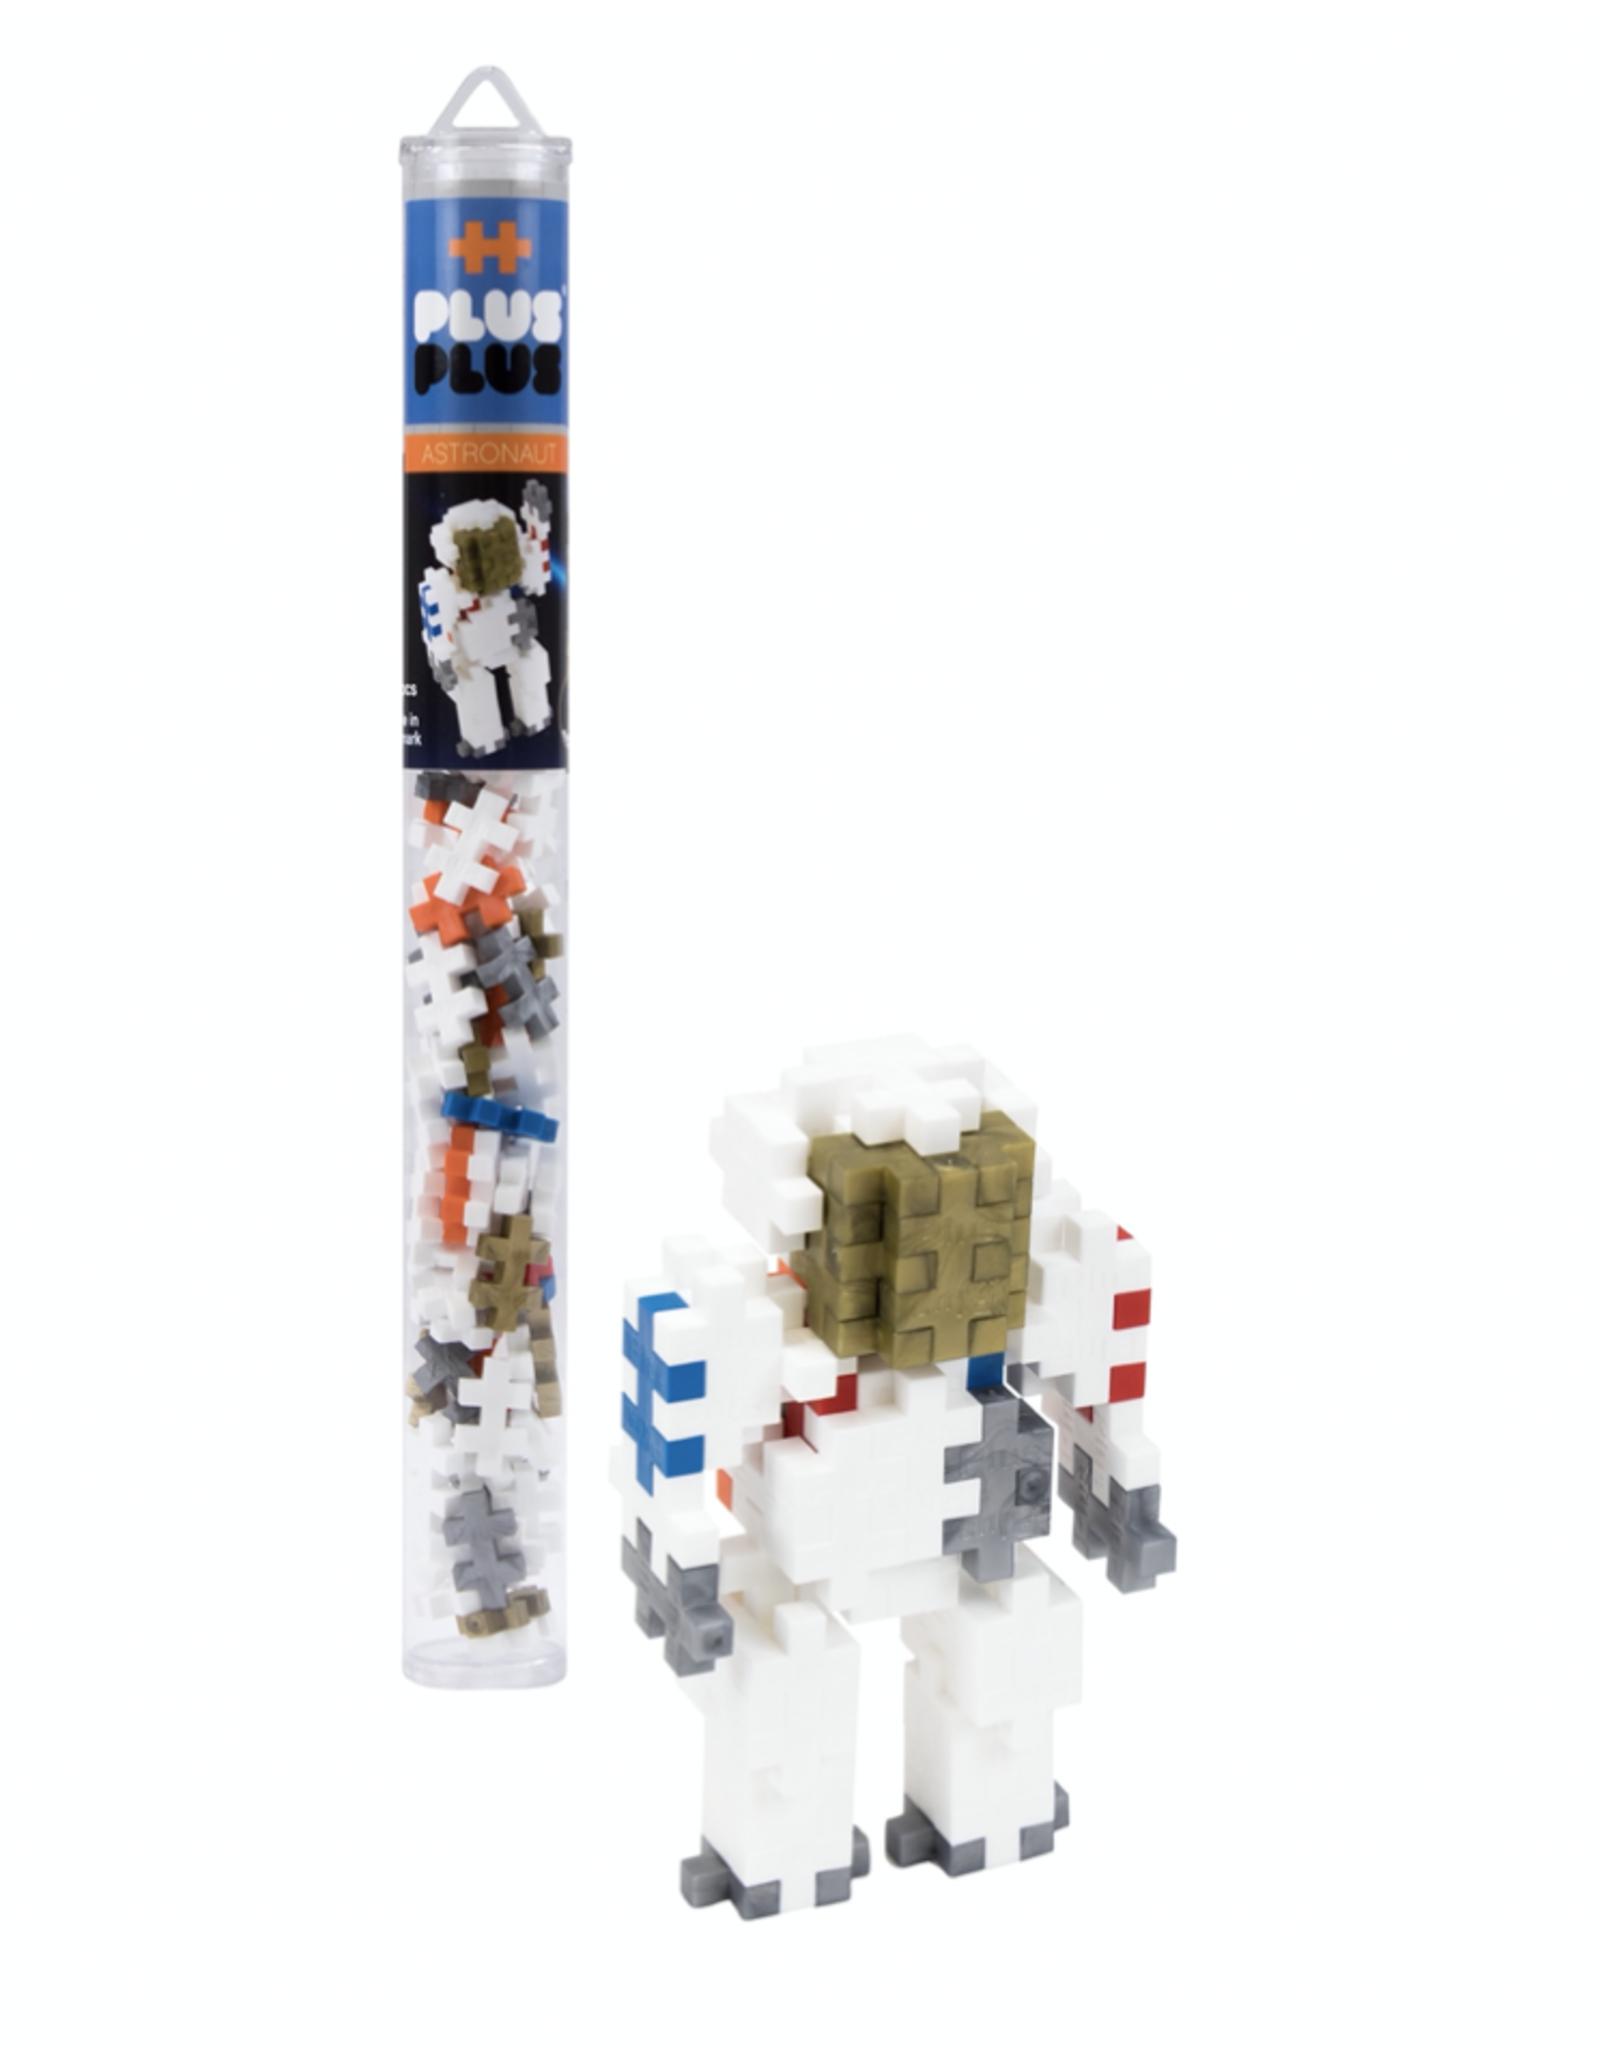 Plus-Plus Plus Plus - Astronaut